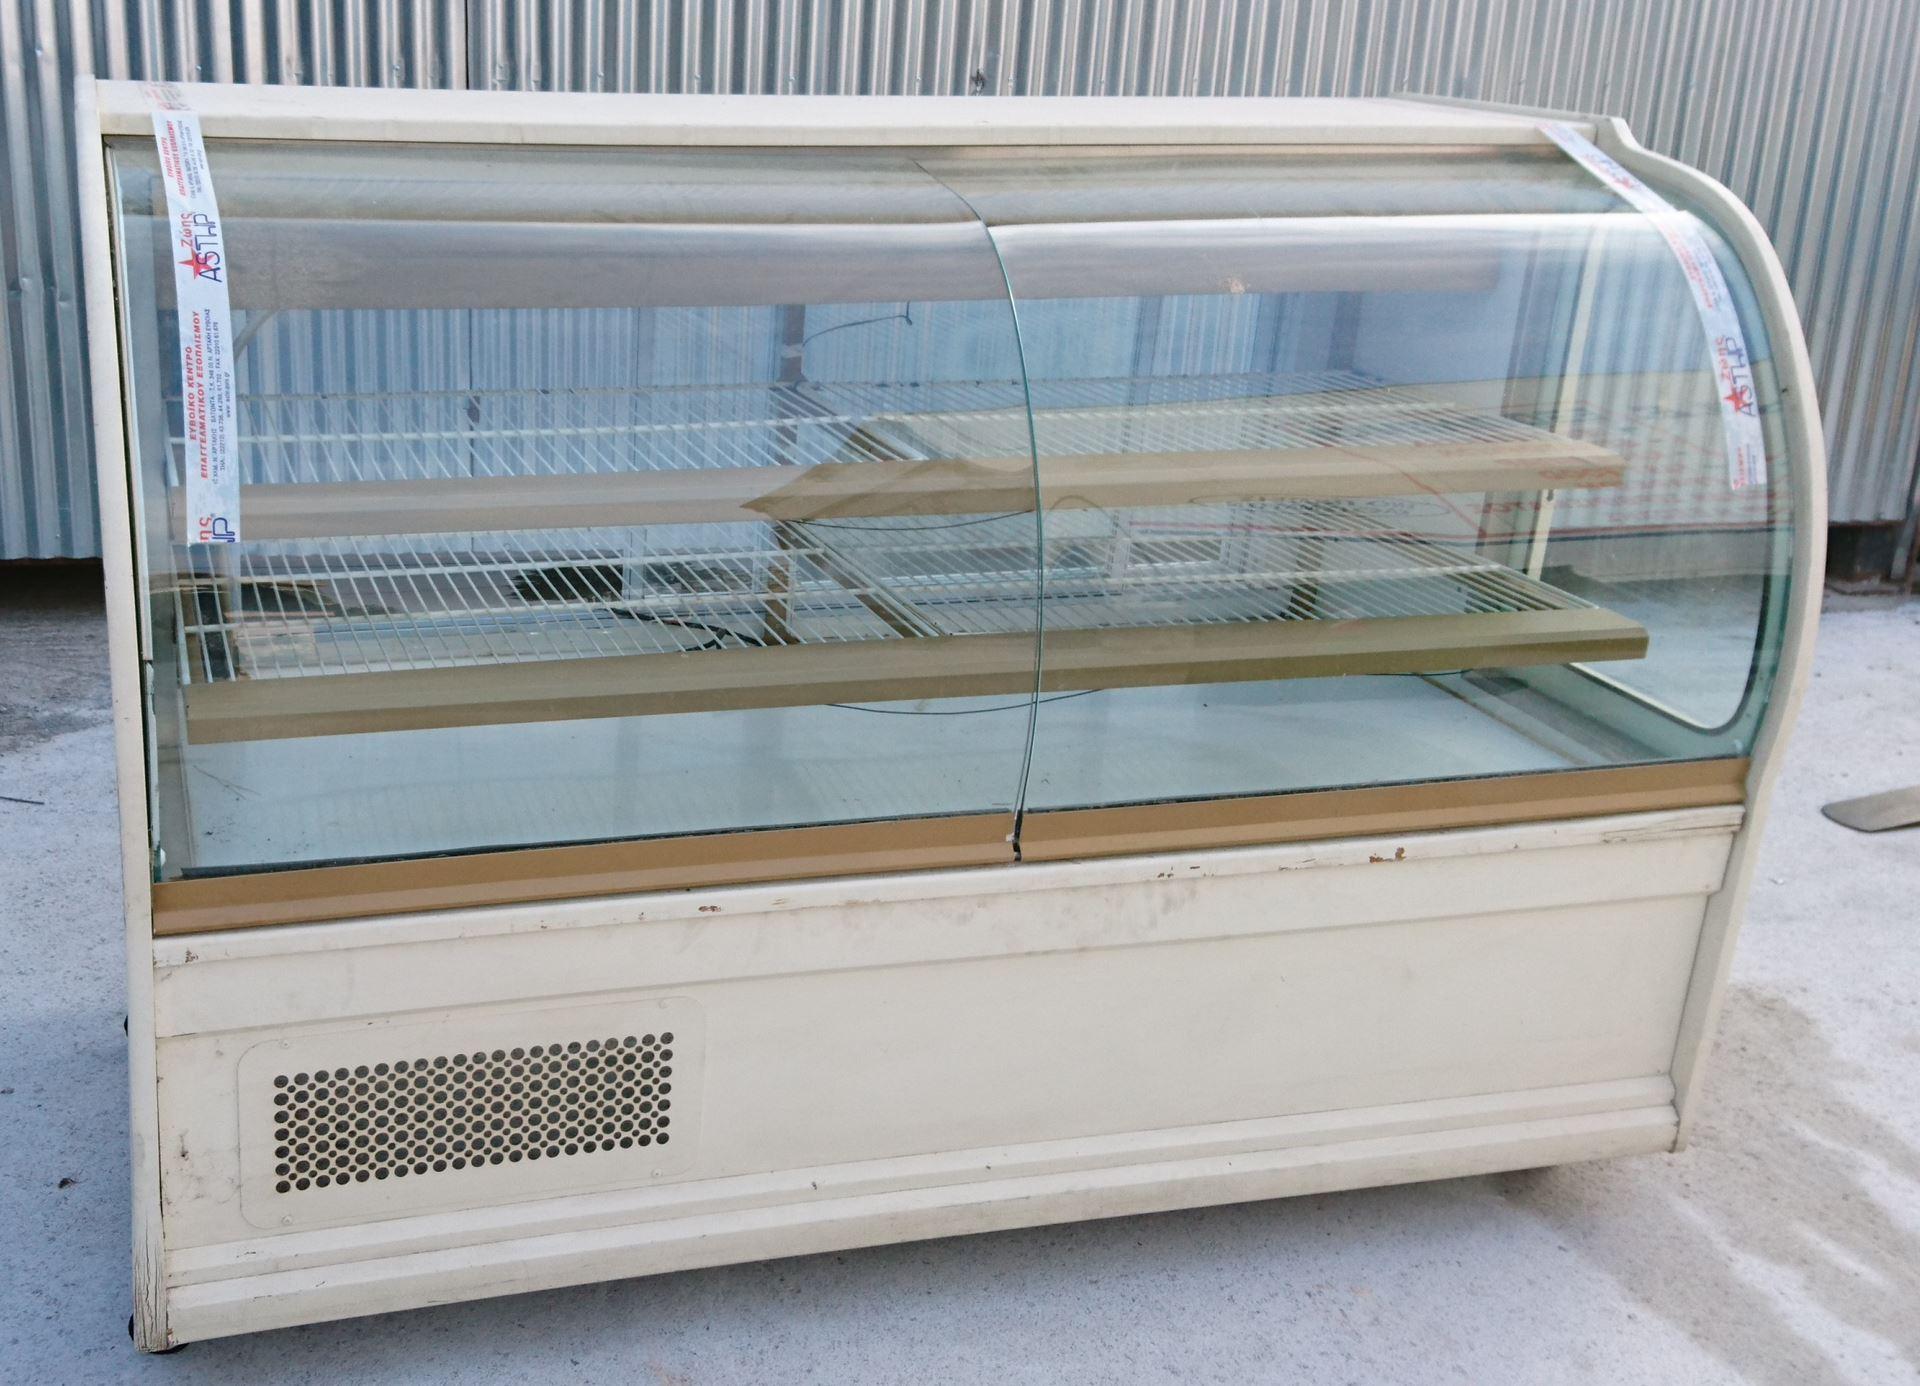 Βιτρίνα Ζαχαροπλαστείου με ψυκτικό μηχάνημα 1.96 m, μεταχειρισμένη